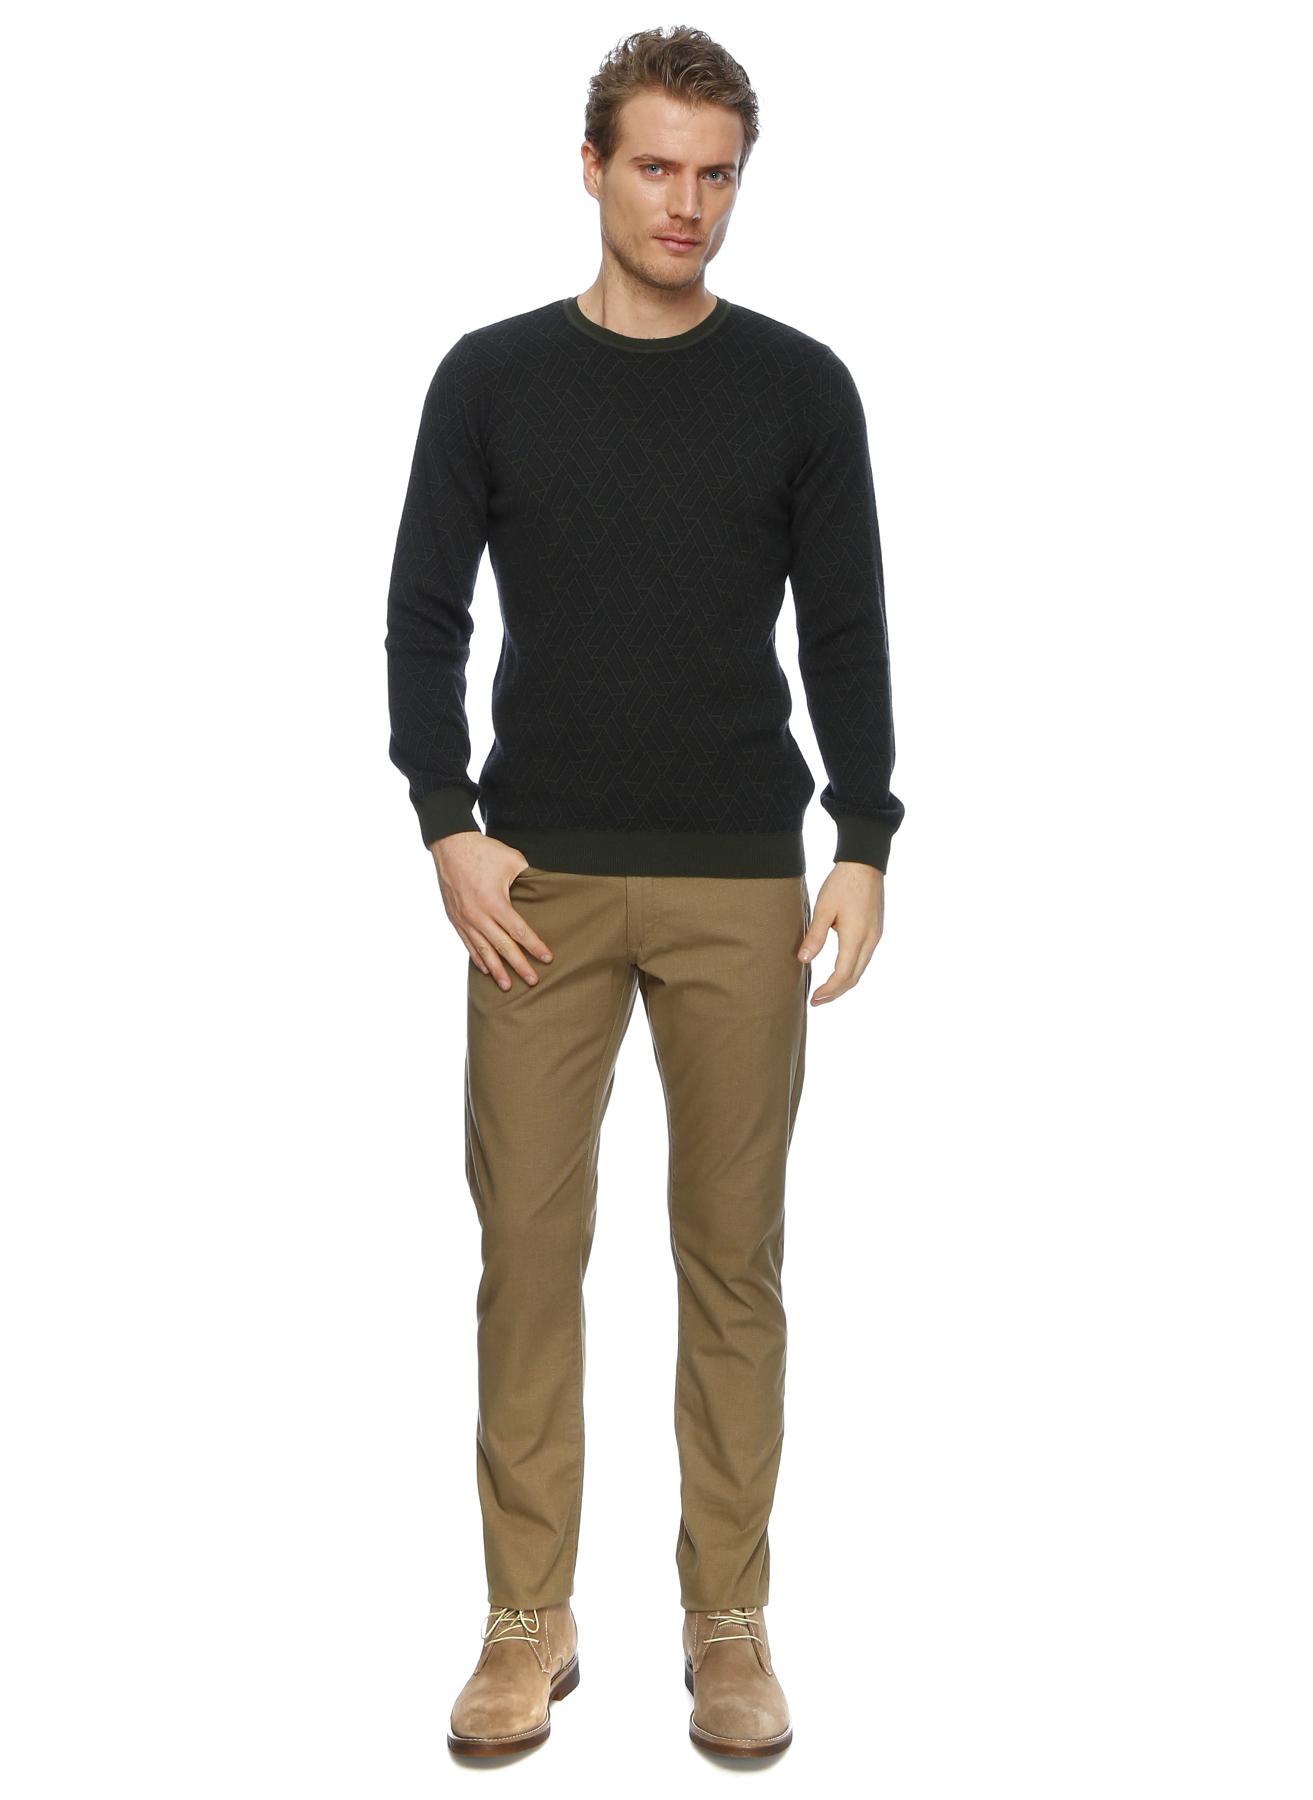 Kip Klasik Pantolon 34 5000136468003 Ürün Resmi